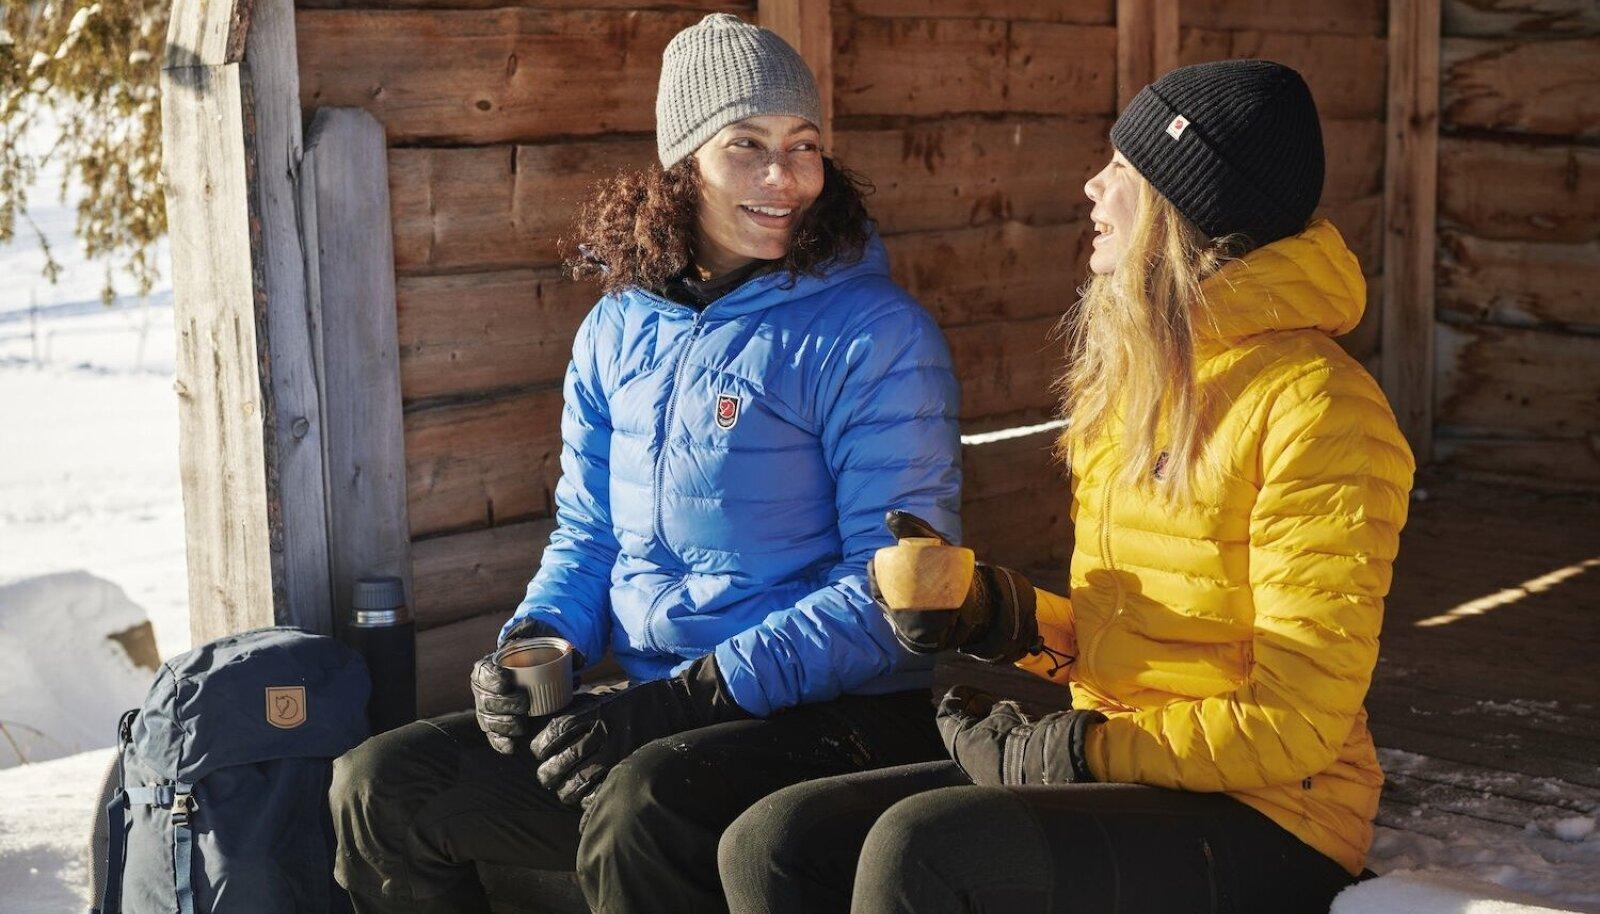 Suletäidisega jope on kaalult kerge, kuid krõbedate külmadega siiski kõige soojem.